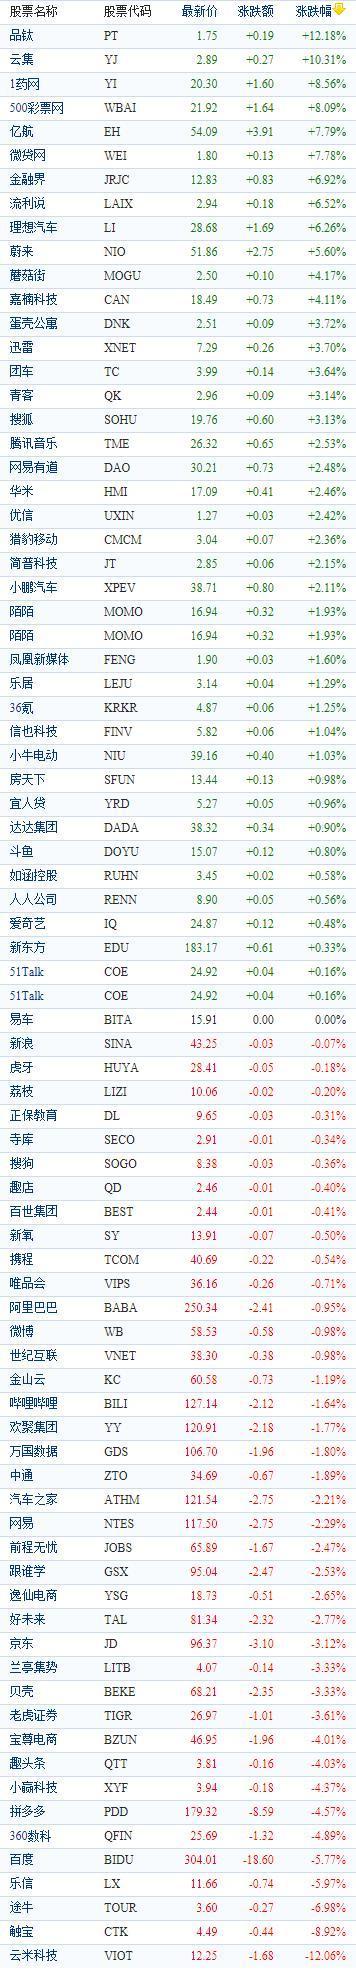 中国概念股周三收盘涨跌互现 华米科技上涨2.46%